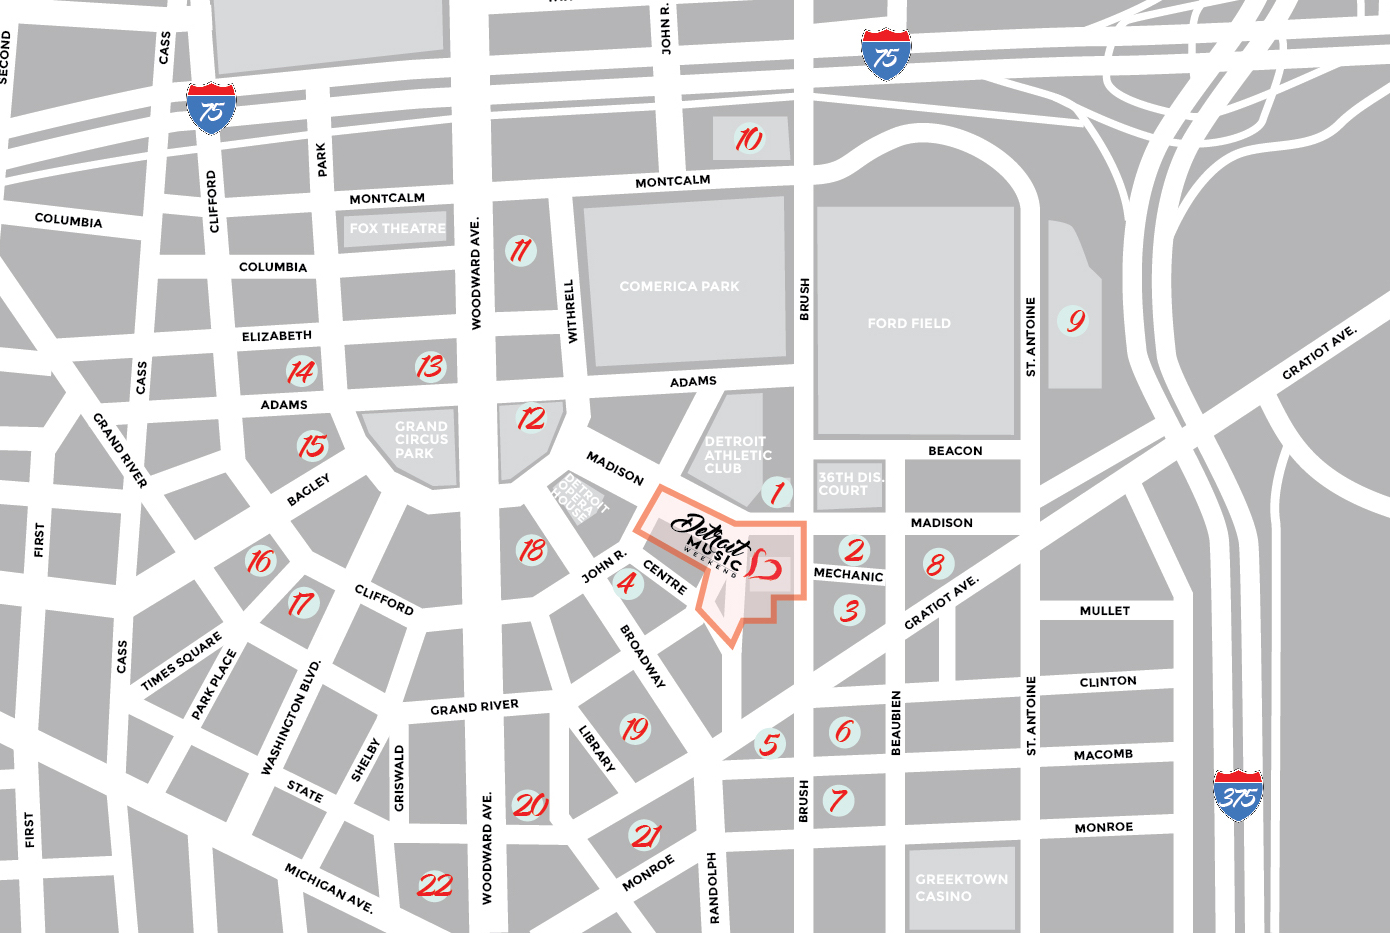 DMW Parking Map.jpg